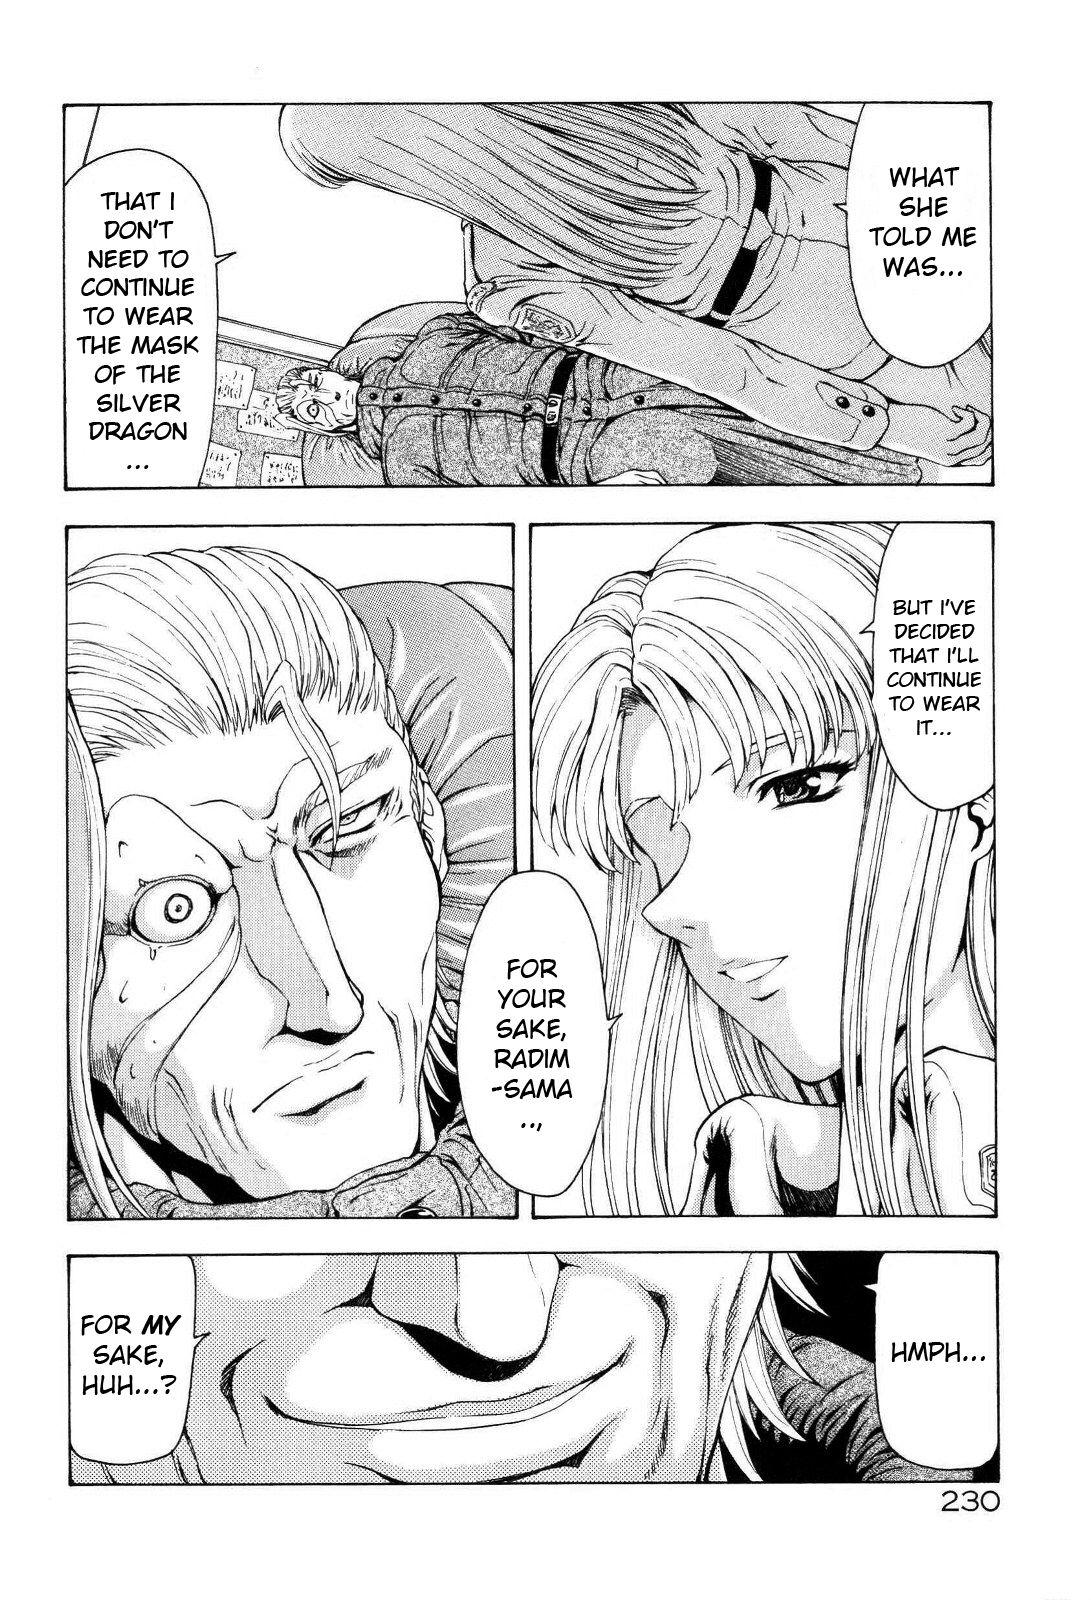 Ginryuu no Reimei   Dawn of the Silver Dragon Vol. 4 234